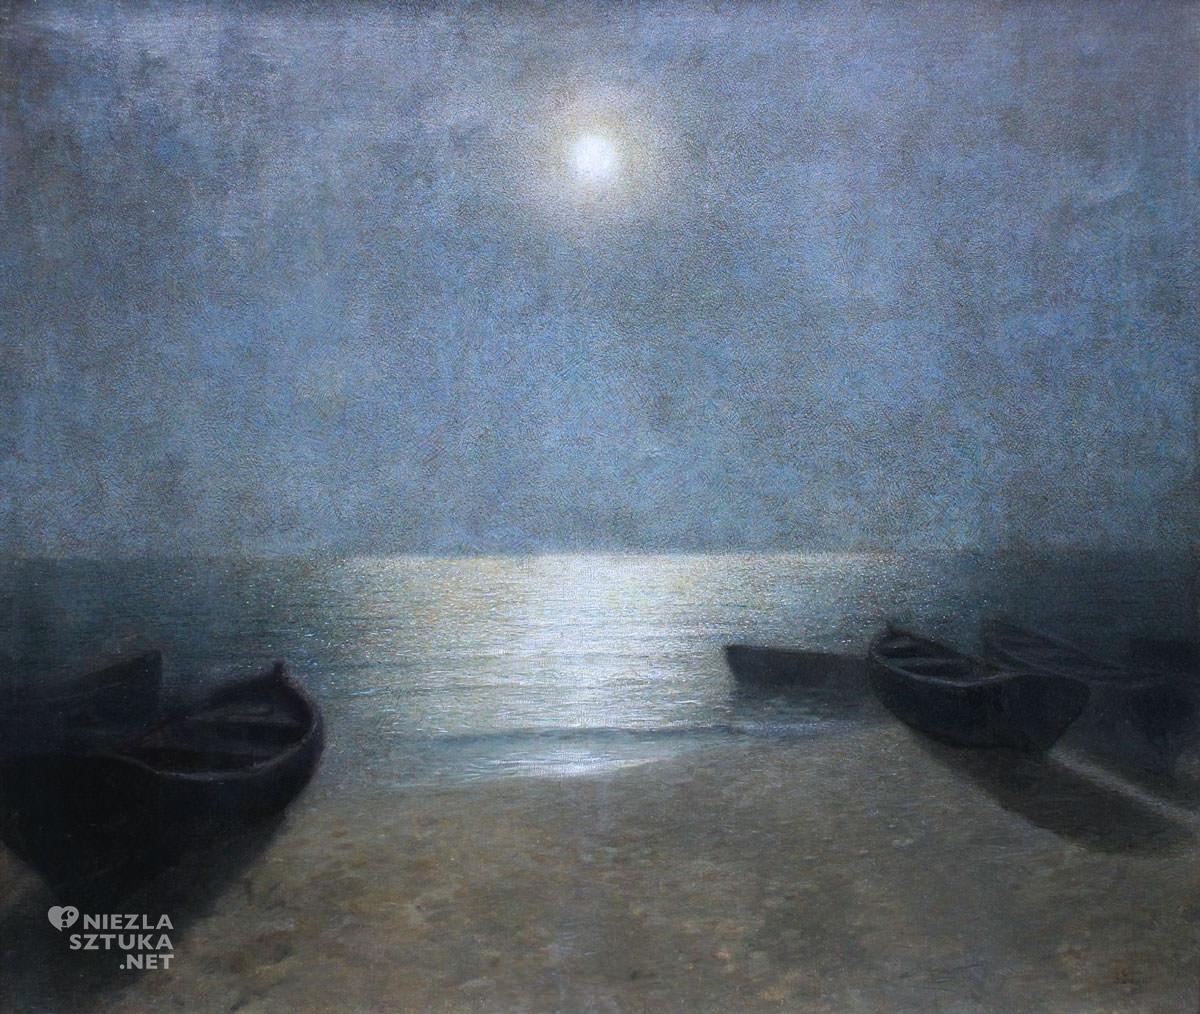 Soter Jaxa-Małachowski, Łodzie, morze, sztuka polska, malarstwo polskie, Niezła sztuka